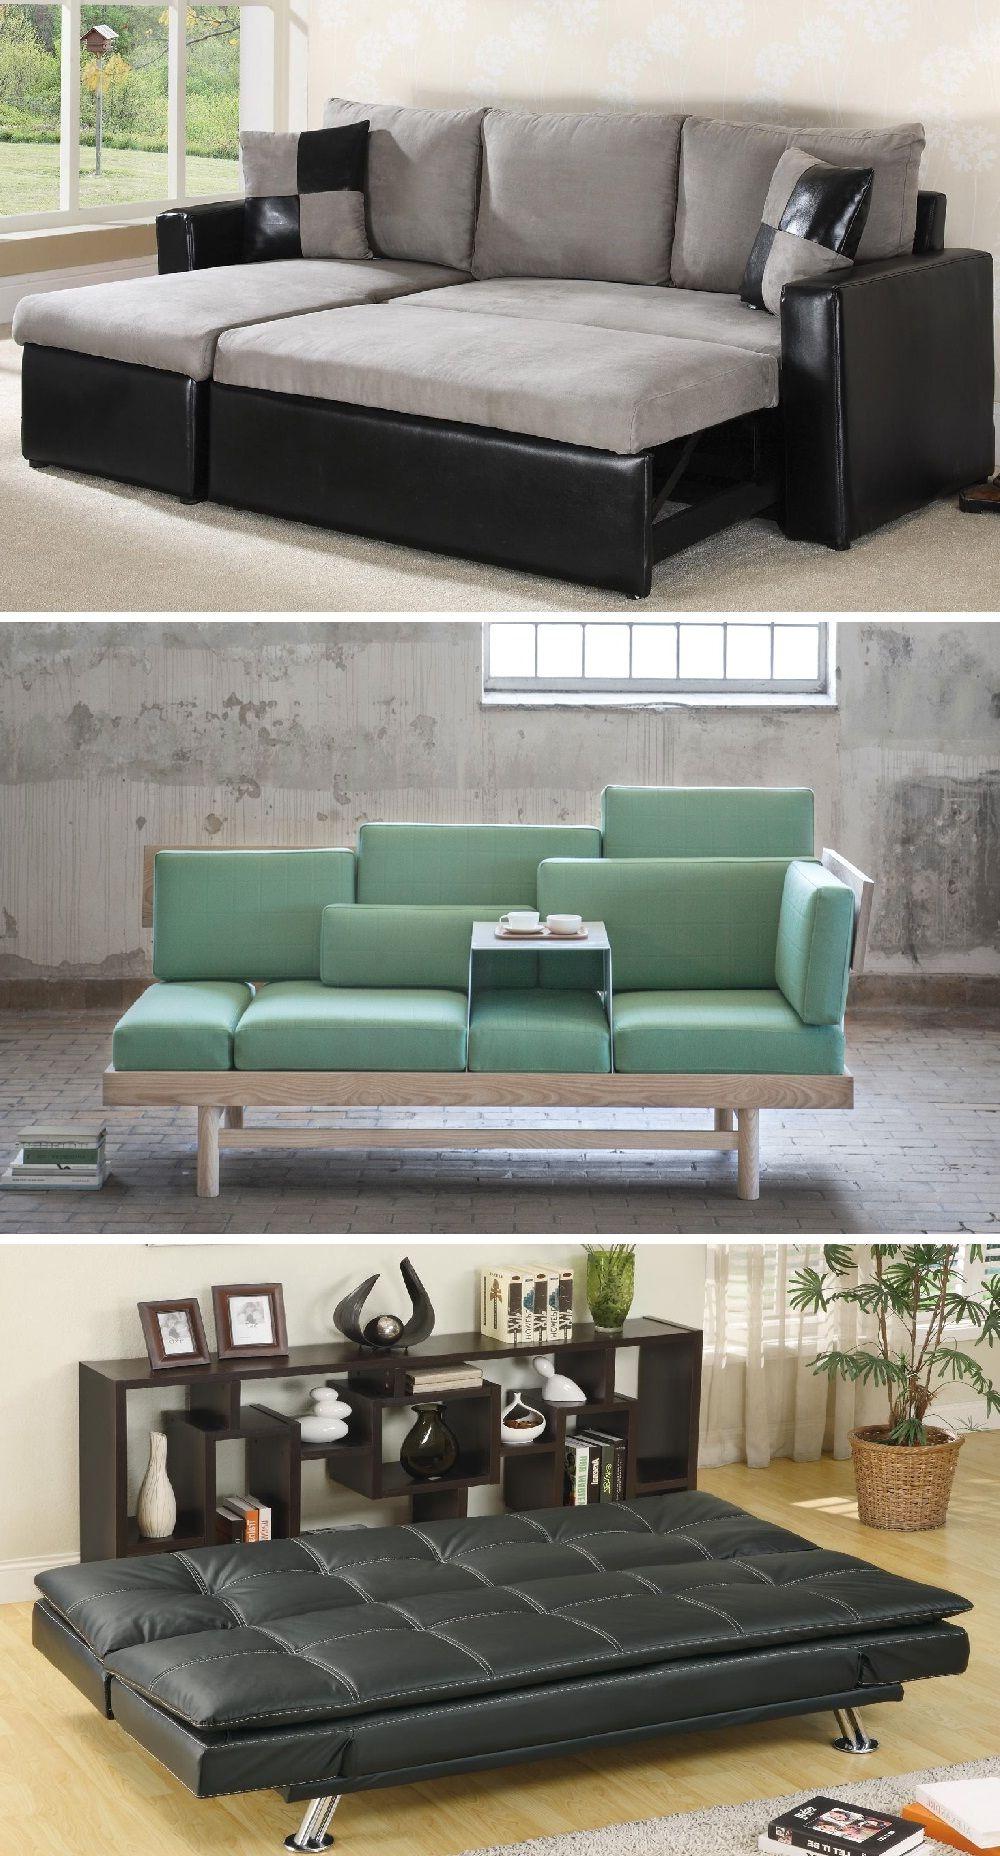 Sleeper Sofa Alternative Sleeper Sofa Leather Sleeper Sofa Outdoor Furniture Sets